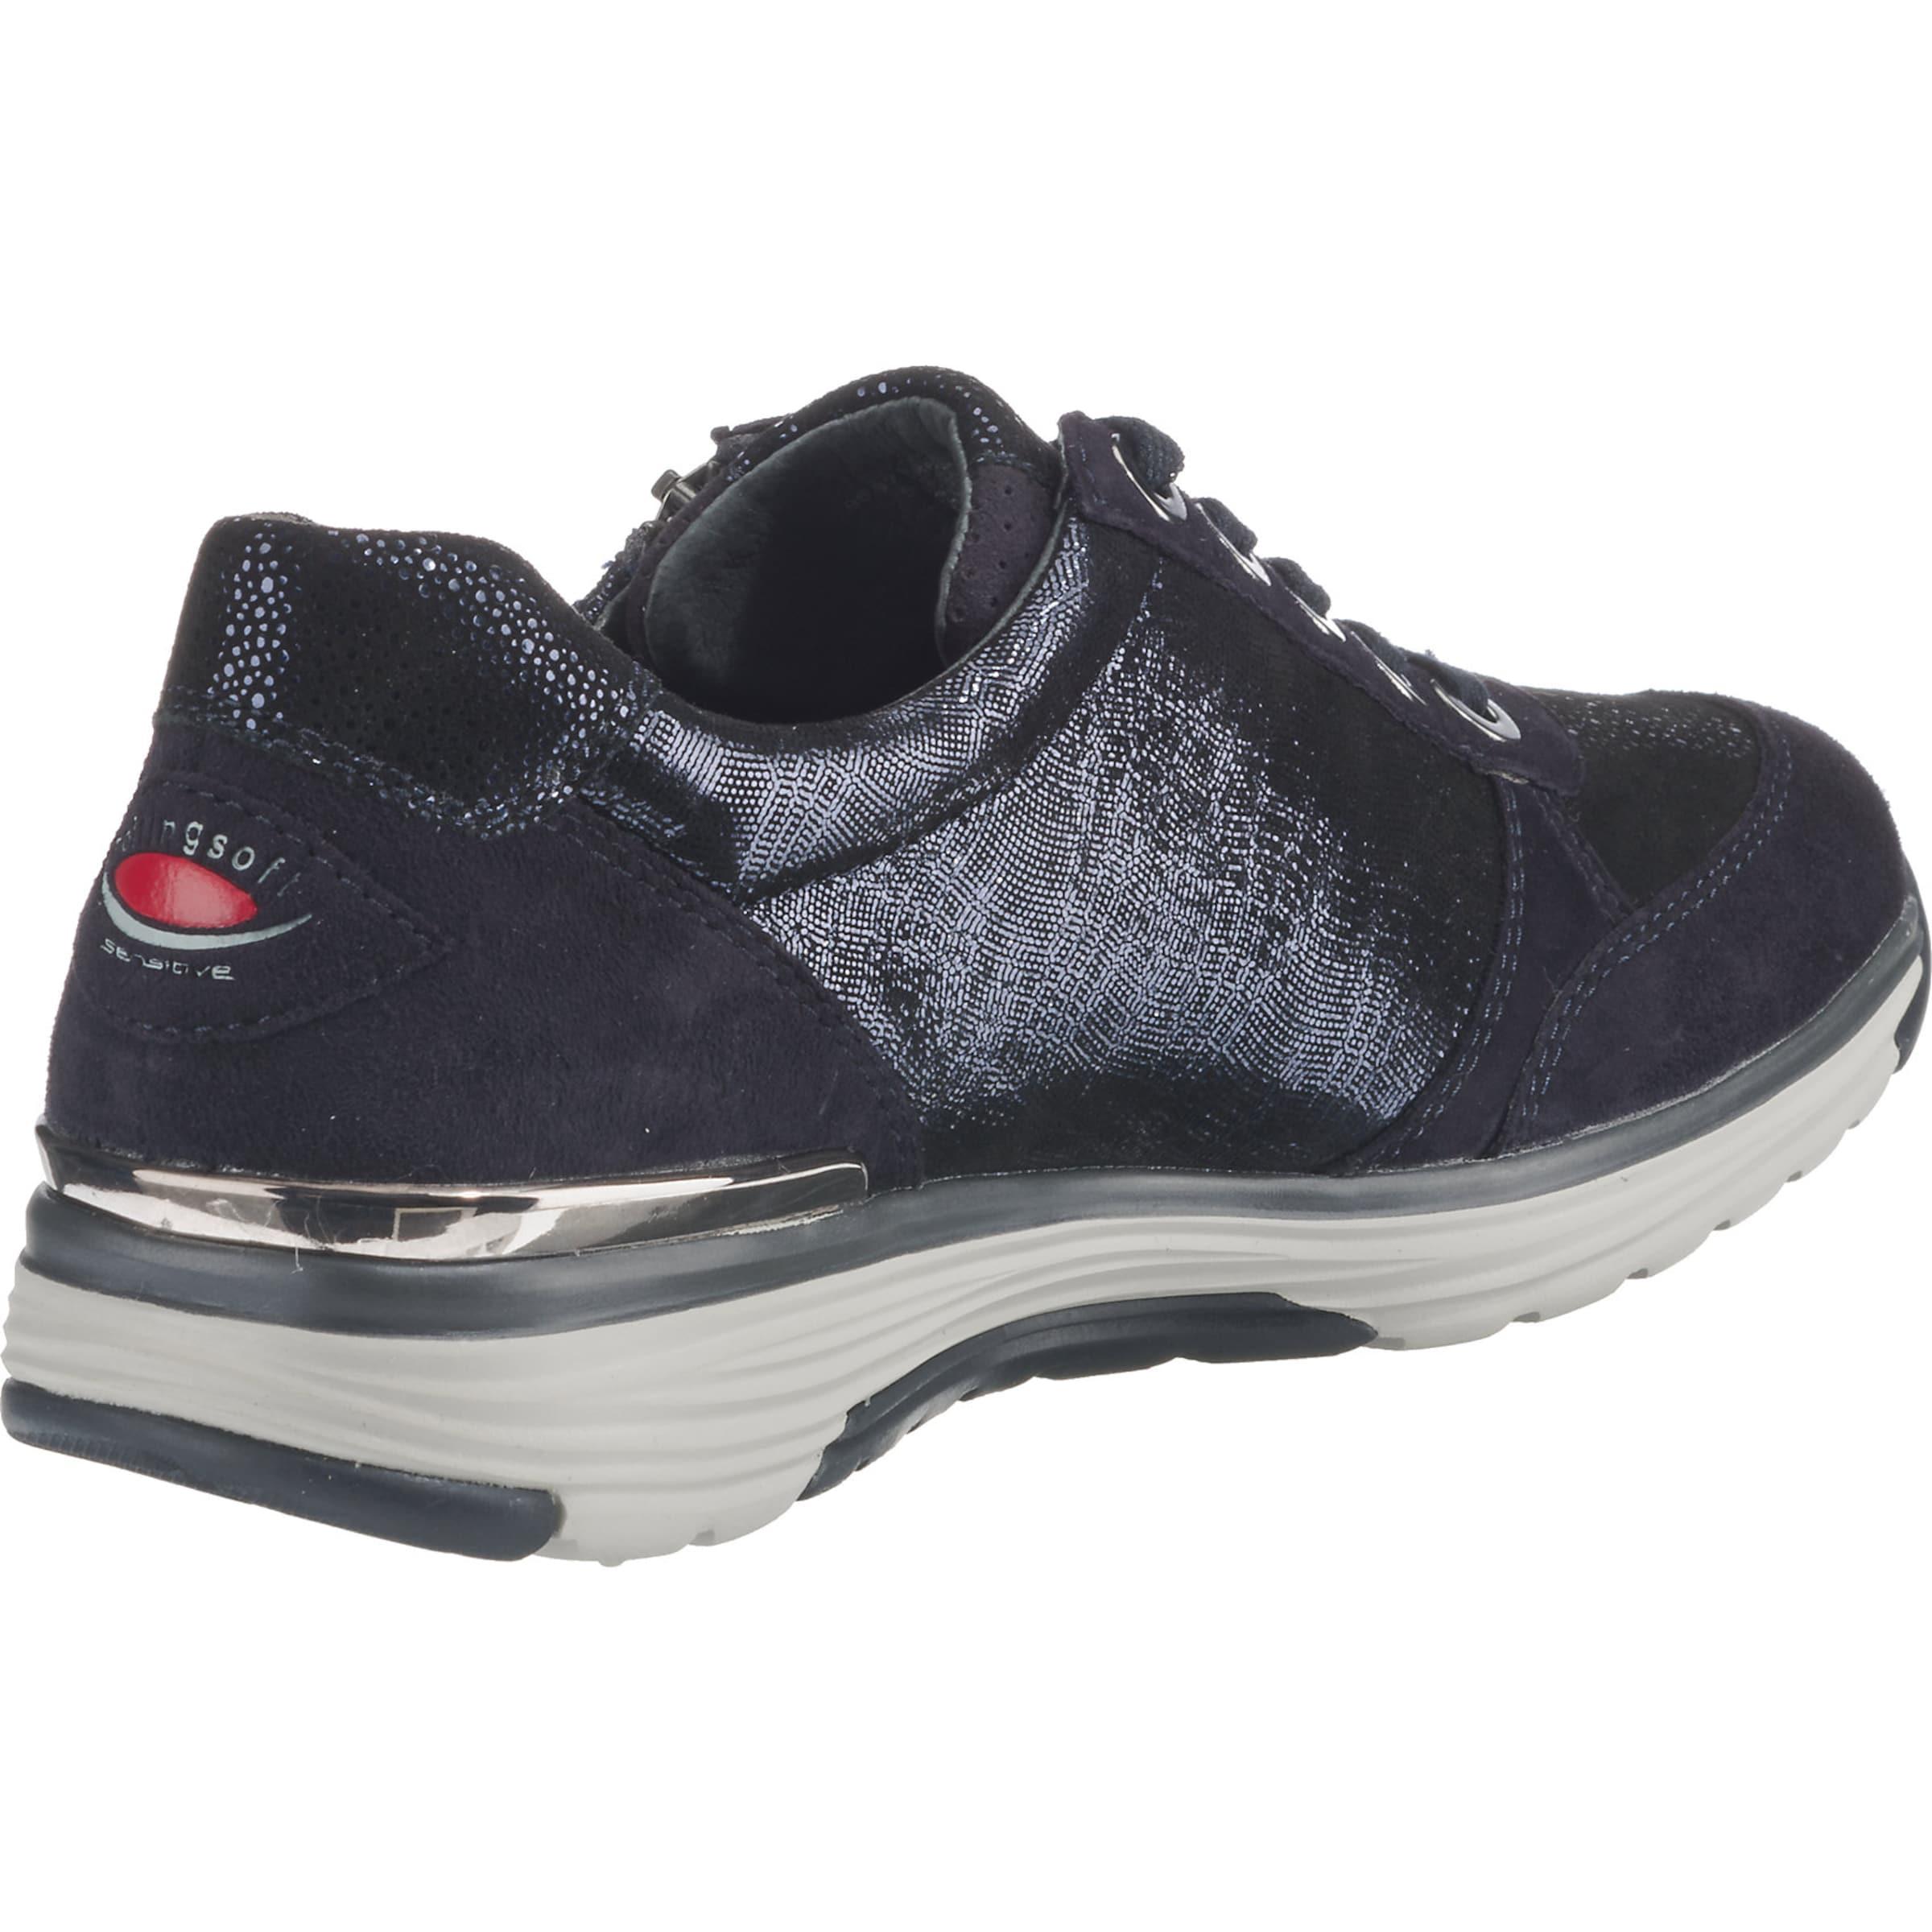 Sneakers In In Gabor Nachtblau Gabor Sneakers Gabor Nachtblau Sneakers Nachtblau In Gabor Sneakers LpjVSMqGUz